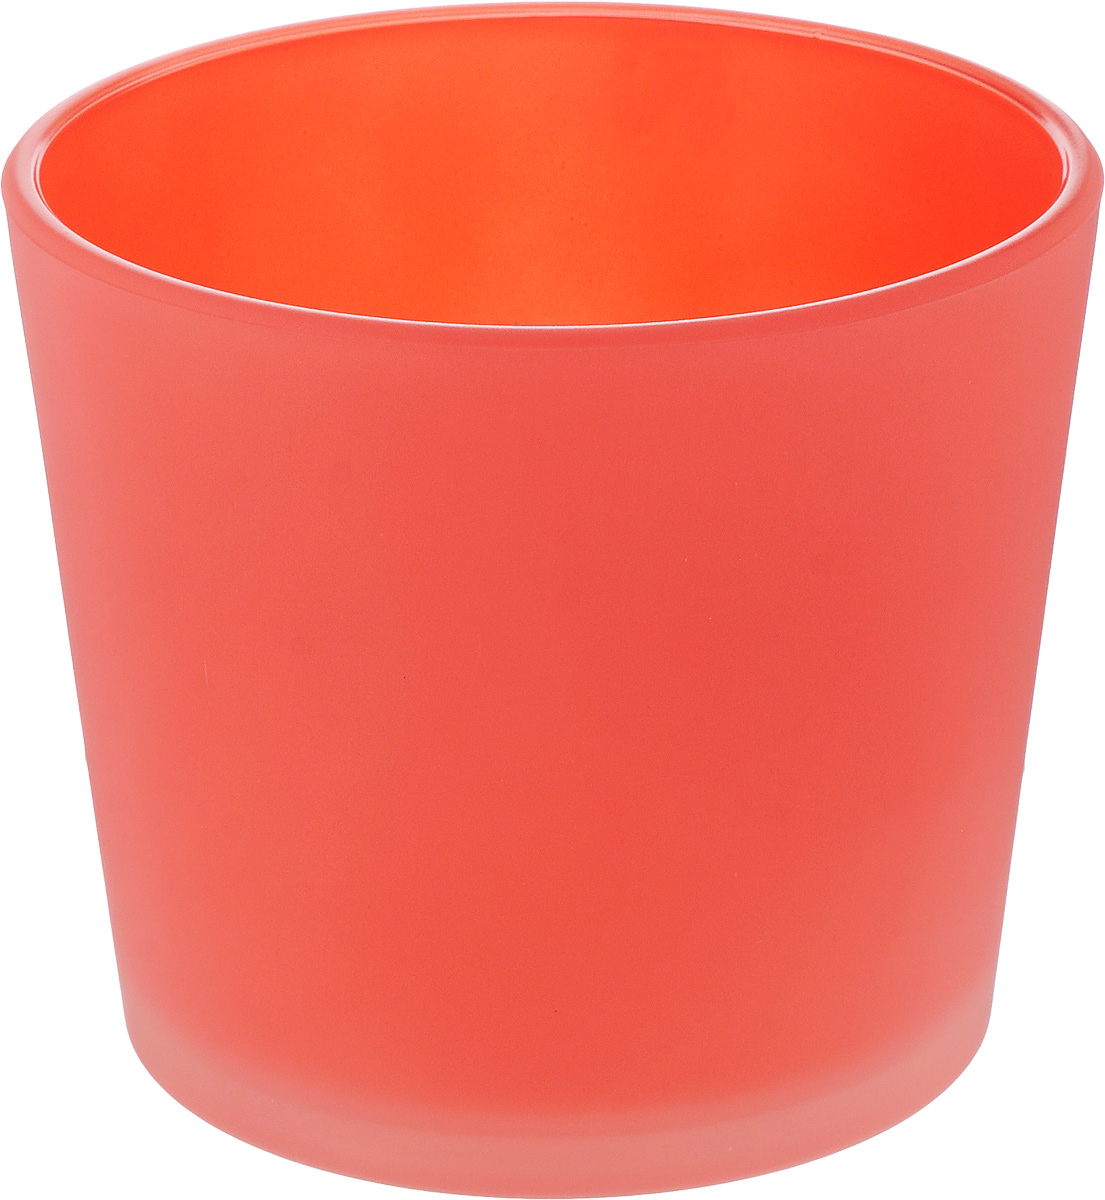 Кашпо NiNaGlass, цвет: коралловый, высота 12 см ваза ninaglass дана цвет шоколад высота 16 см